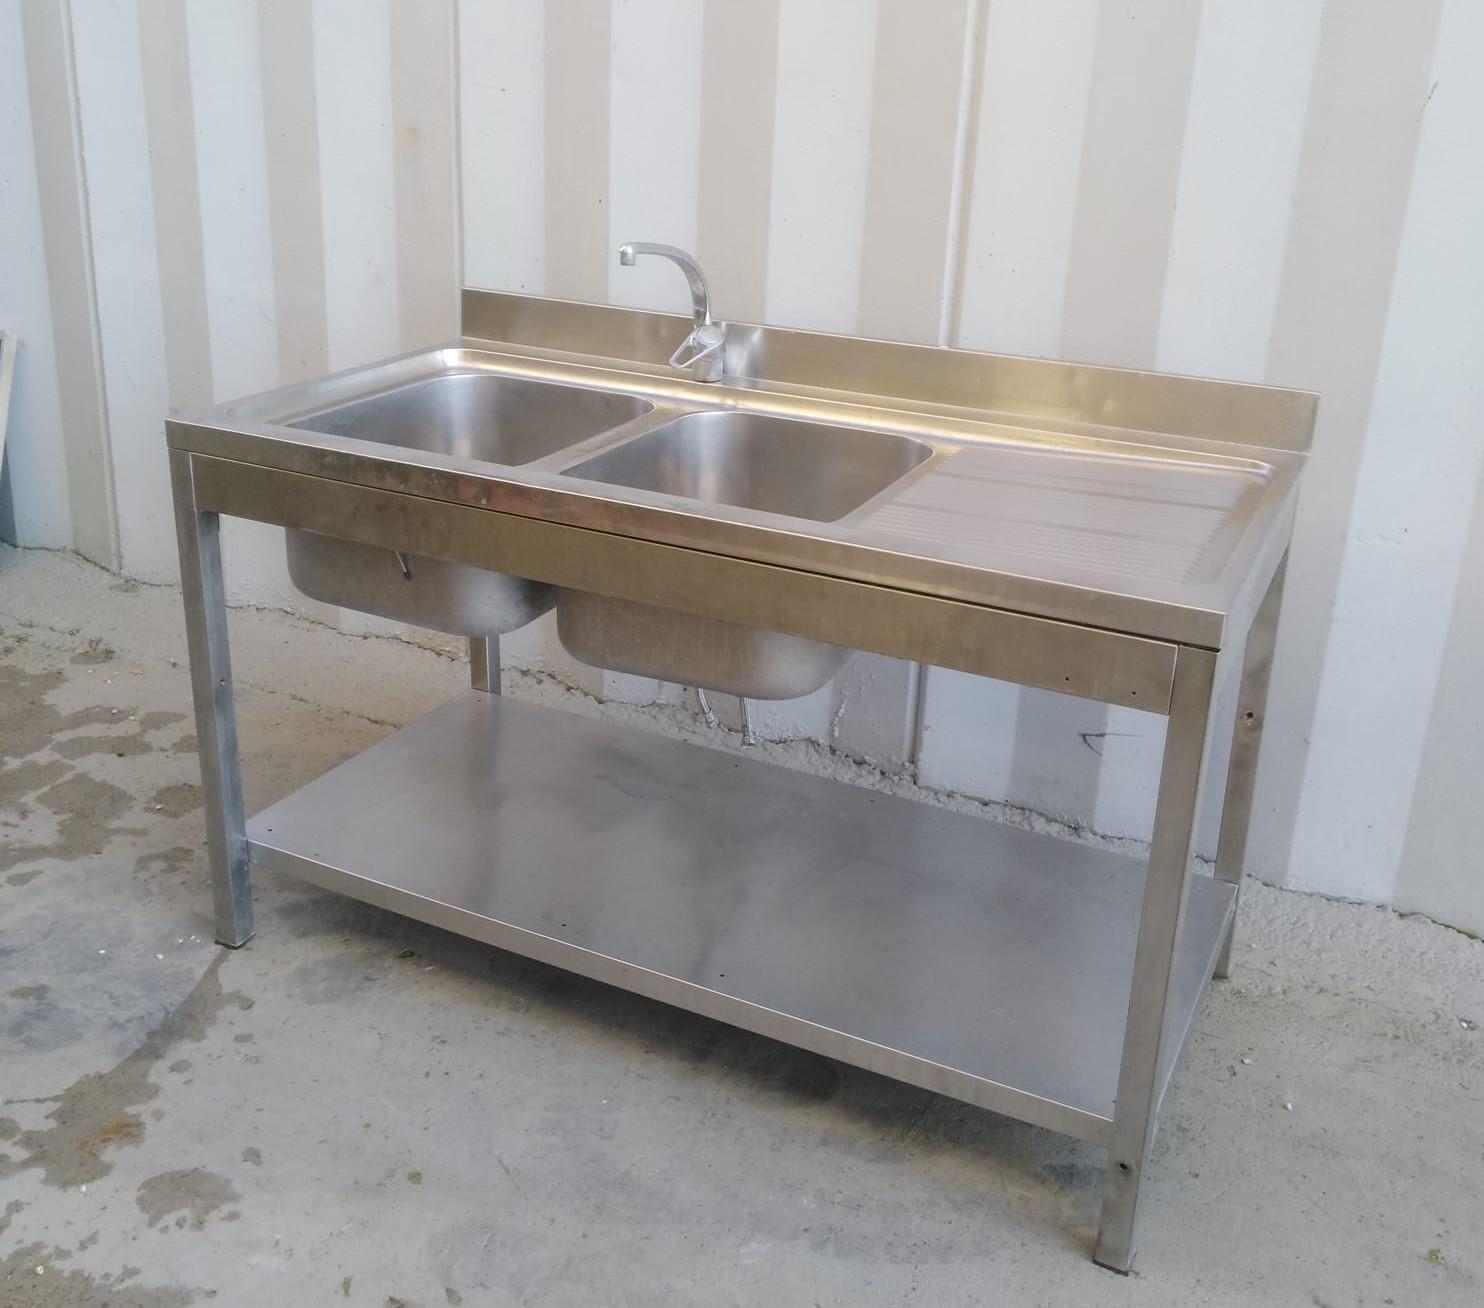 Lavello doppia vasca e gocciolatoio con alzatina in vendita - foto 2